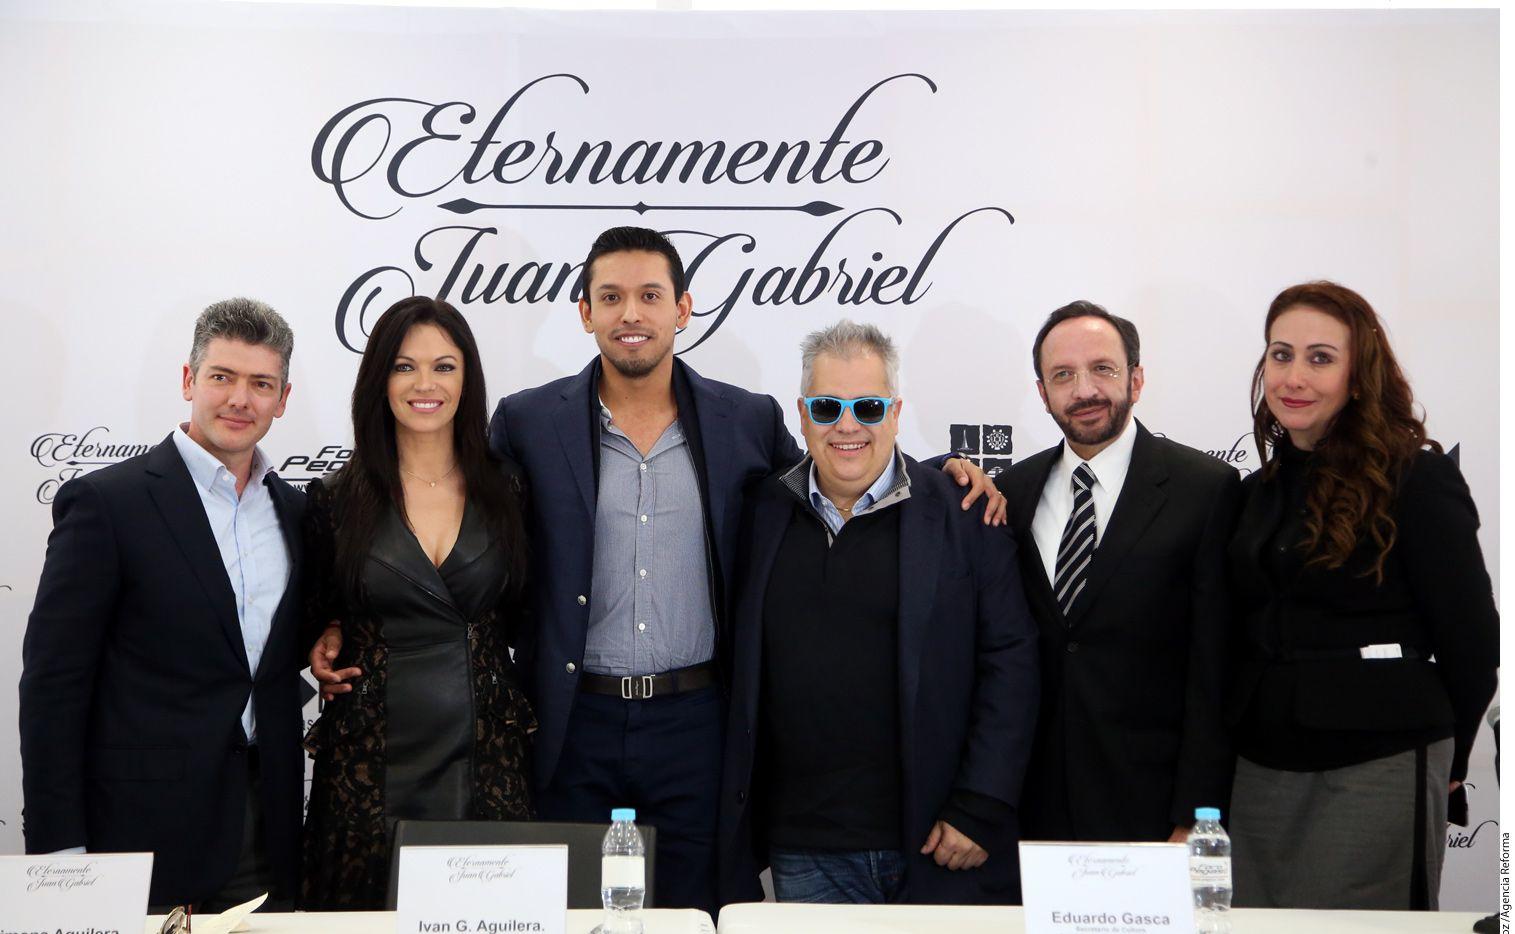 Juanes, Jesse y Joy, Natalia Lafourcade, Yuri y Shaila Dúrcal participarán en el concierto en honor a Juan Gabriel, que será el 18 de febrero en el Foro Pegaso. Foto AGENCIA REFORMA